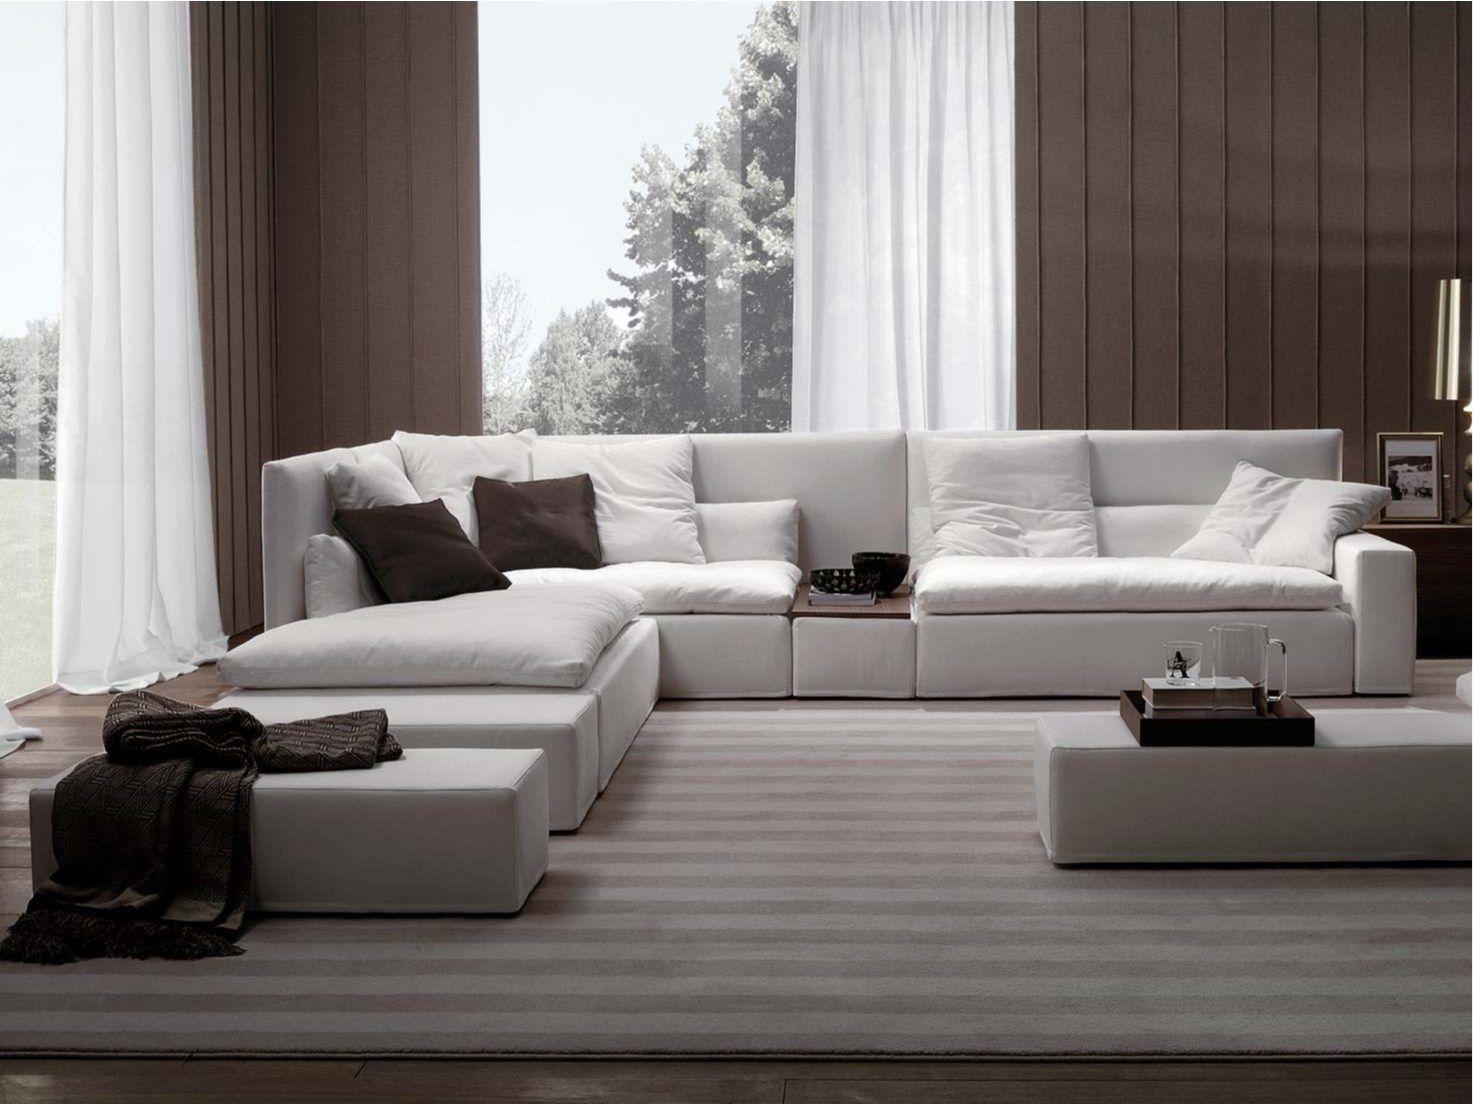 Eccellente divano california poltronesof zk29 pineglen for Divano california prezzo